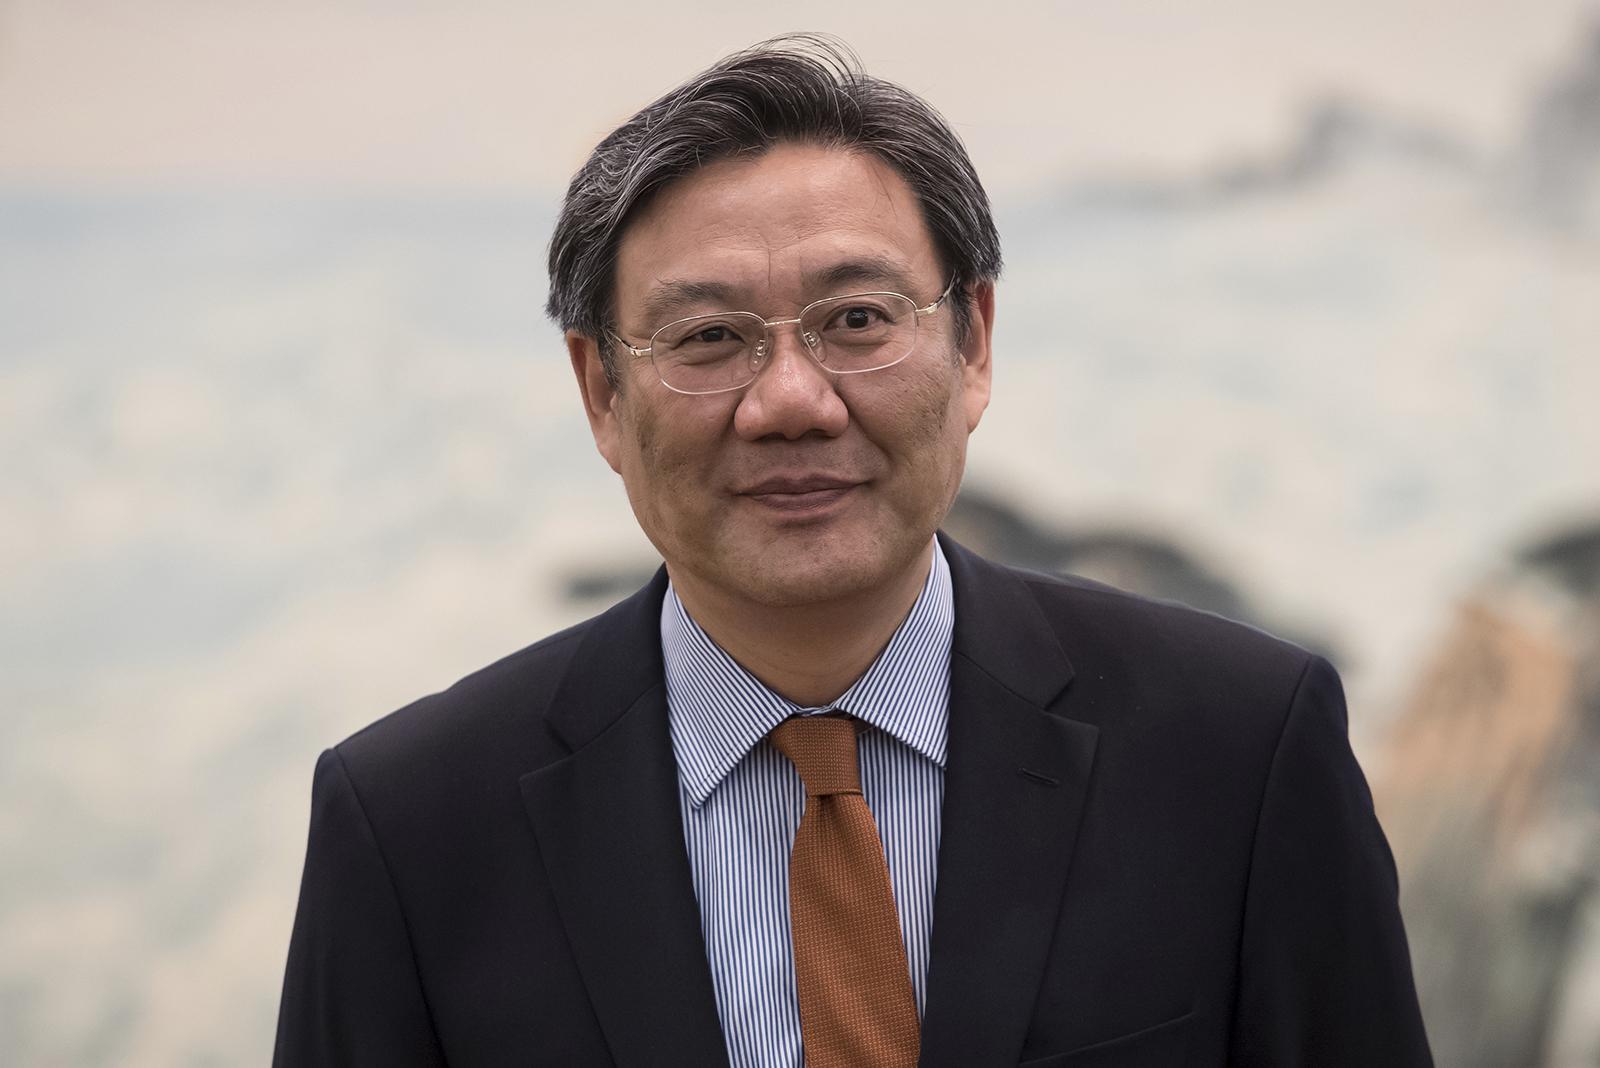 Wang Zhonglin in Jinan, China, on May 11, 2017.